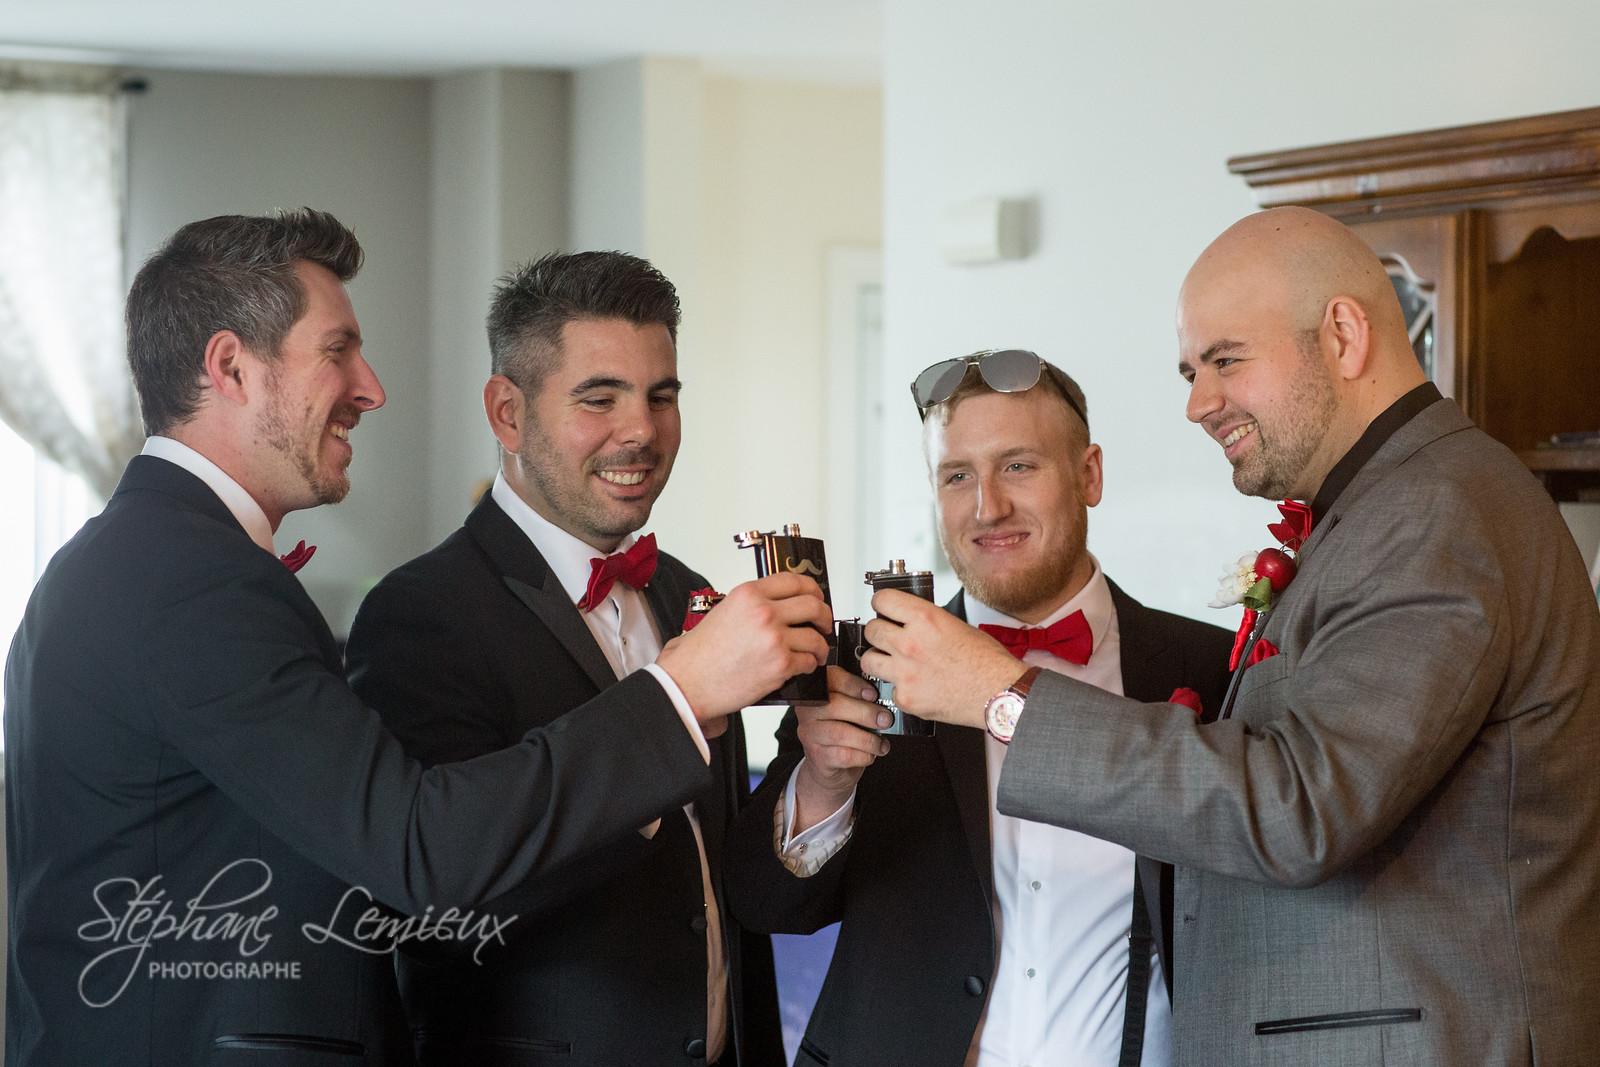 stephane-lemieux-photographe-mariage-montreal-20170603-063